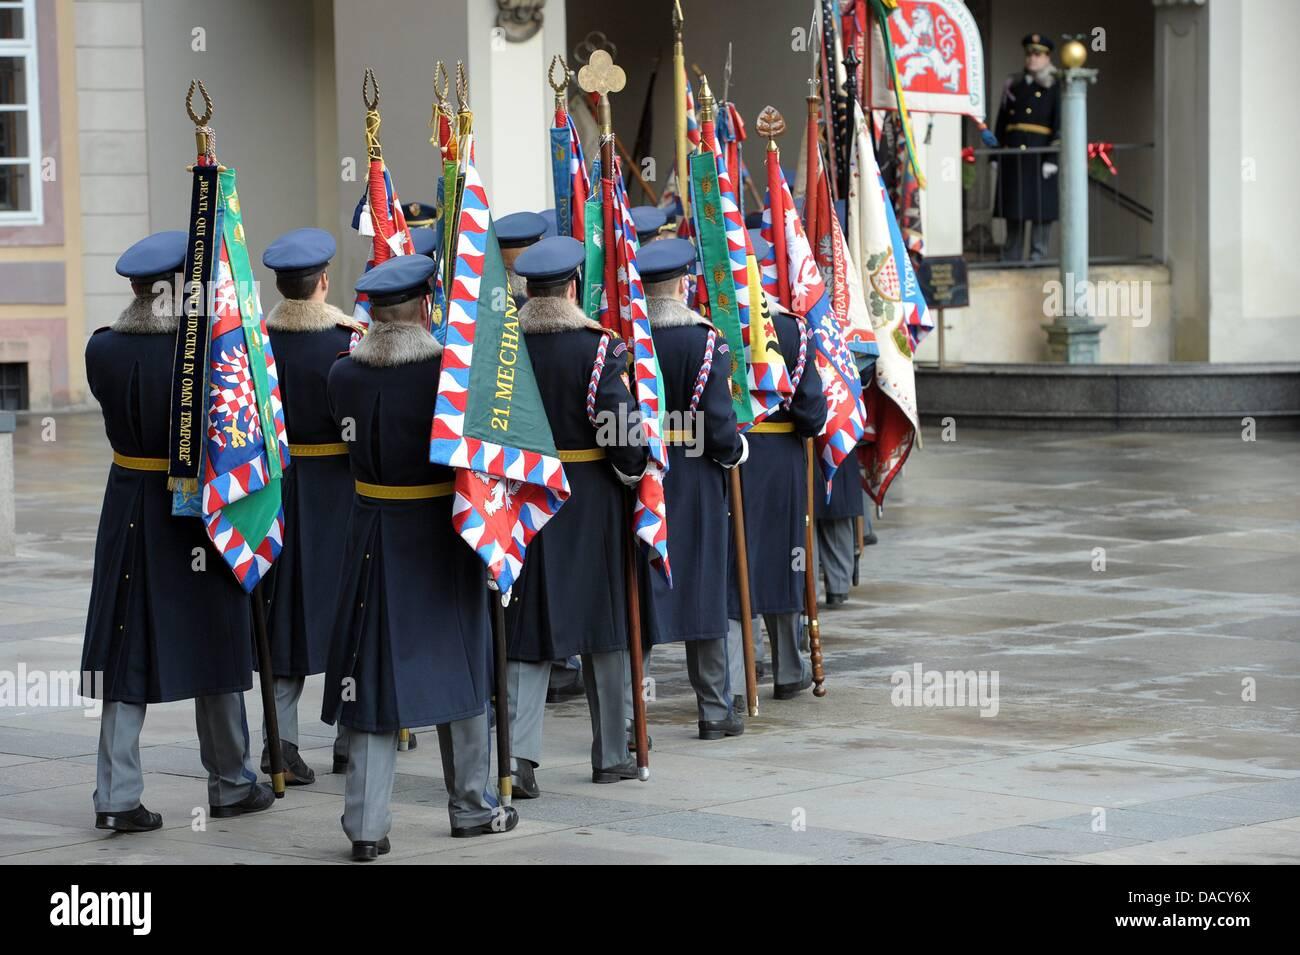 Guardsman marzo prima il servizio funebre per l'ex Presidente della Repubblica ceca Vaclav Havel alla Cattedrale di San Vito a Praga Repubblica Ceca, 23 dicembre 2011. Havel morì il 18 dicembre 2011 di 75 anni. Foto: DAVID EBENER Foto Stock